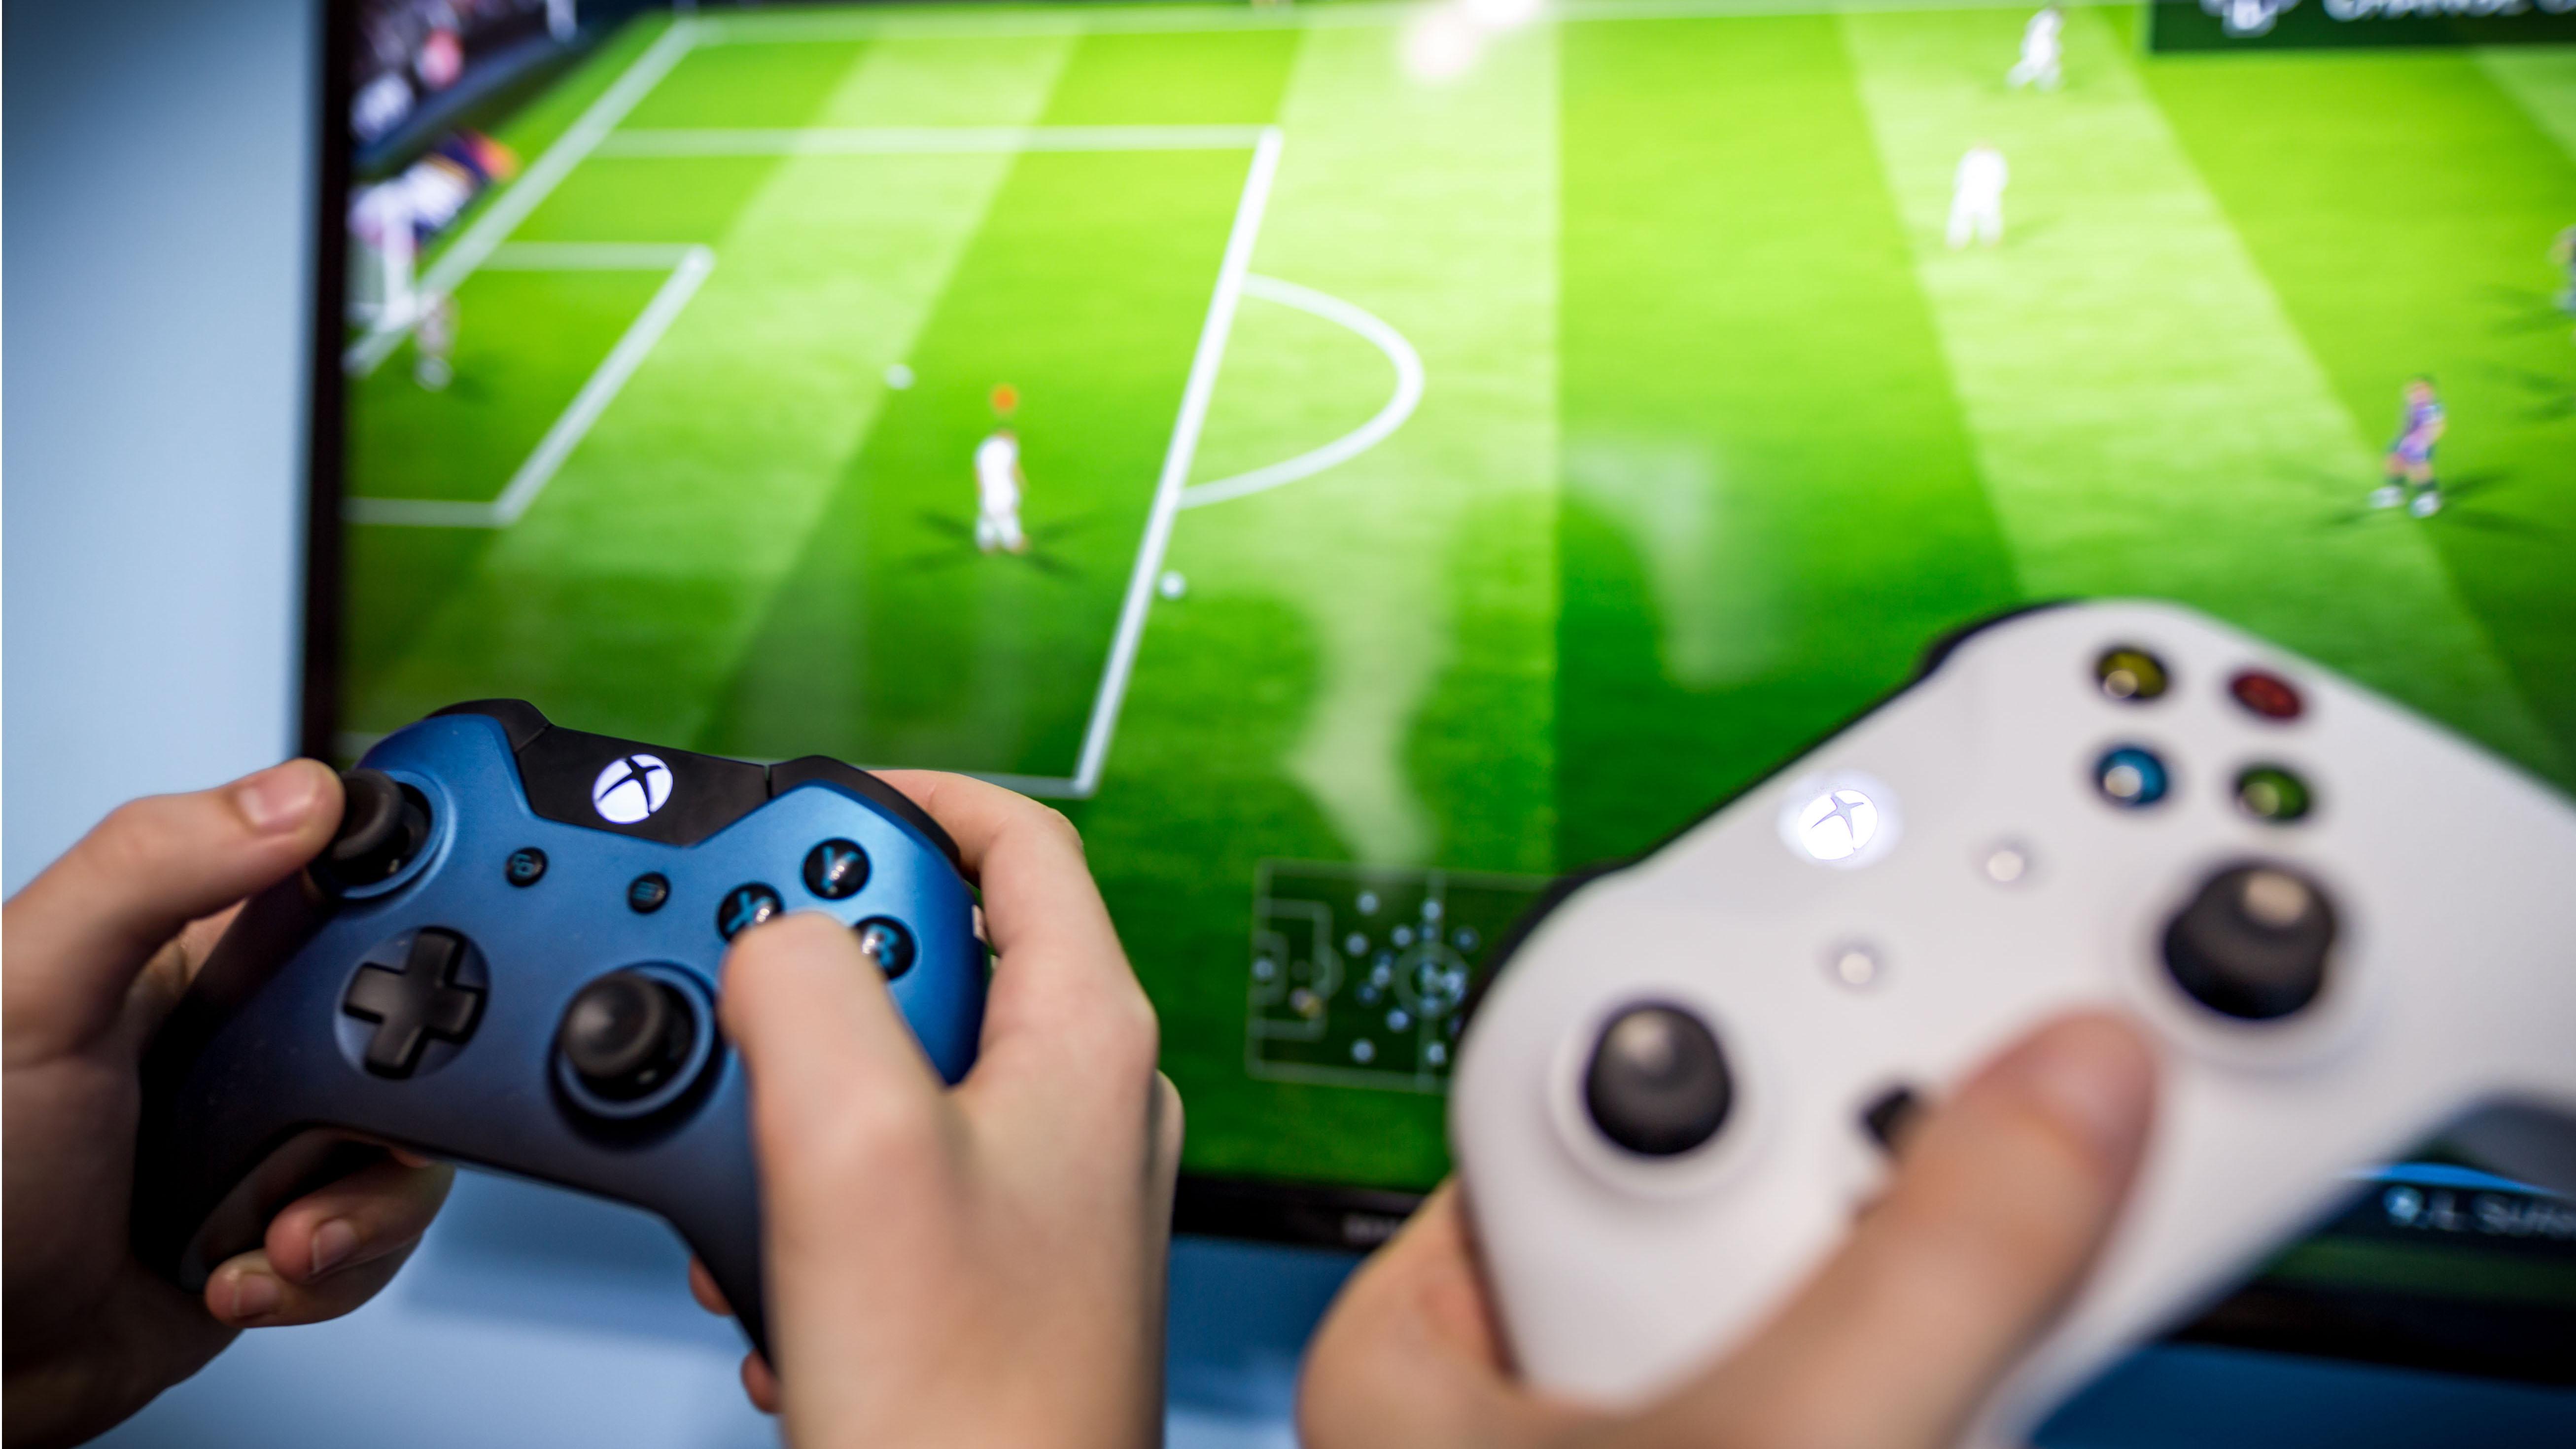 DCMS, oyun ganimet kutularının çocuklar için yasaklanmasını önerir 1